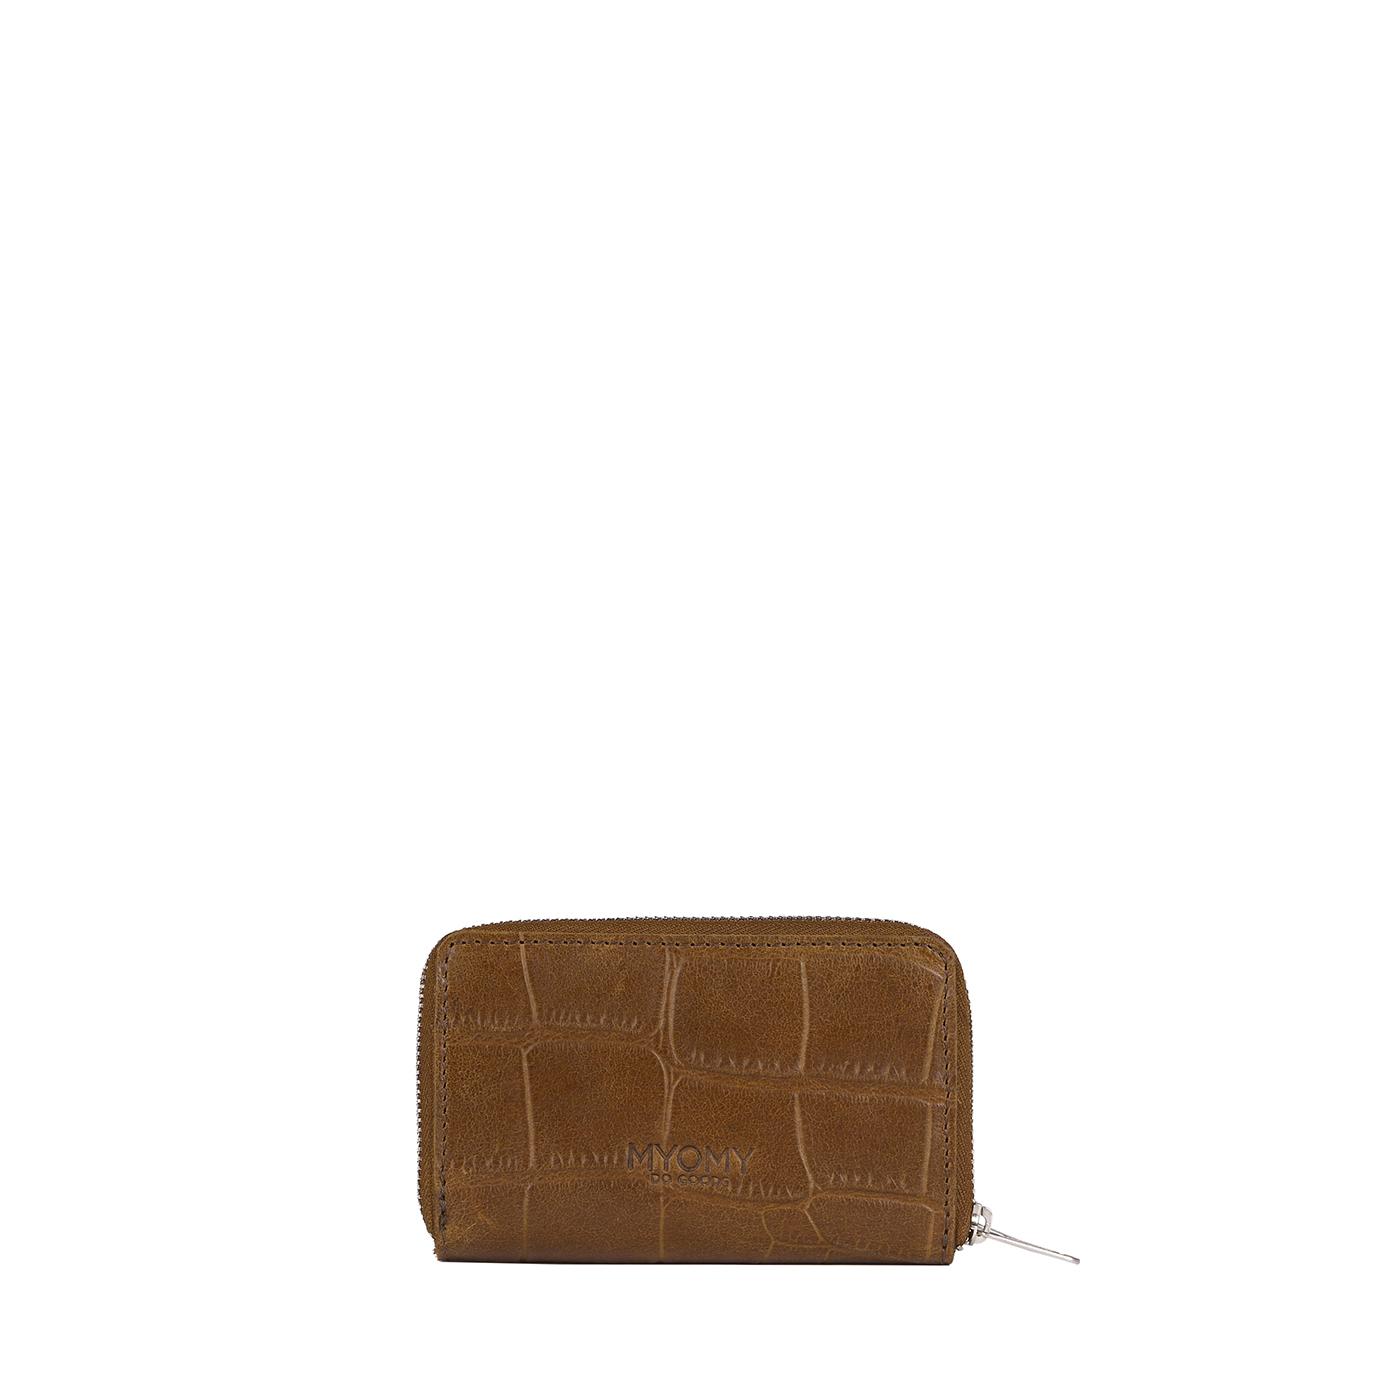 MY PAPER BAG Wallet Medium - croco original